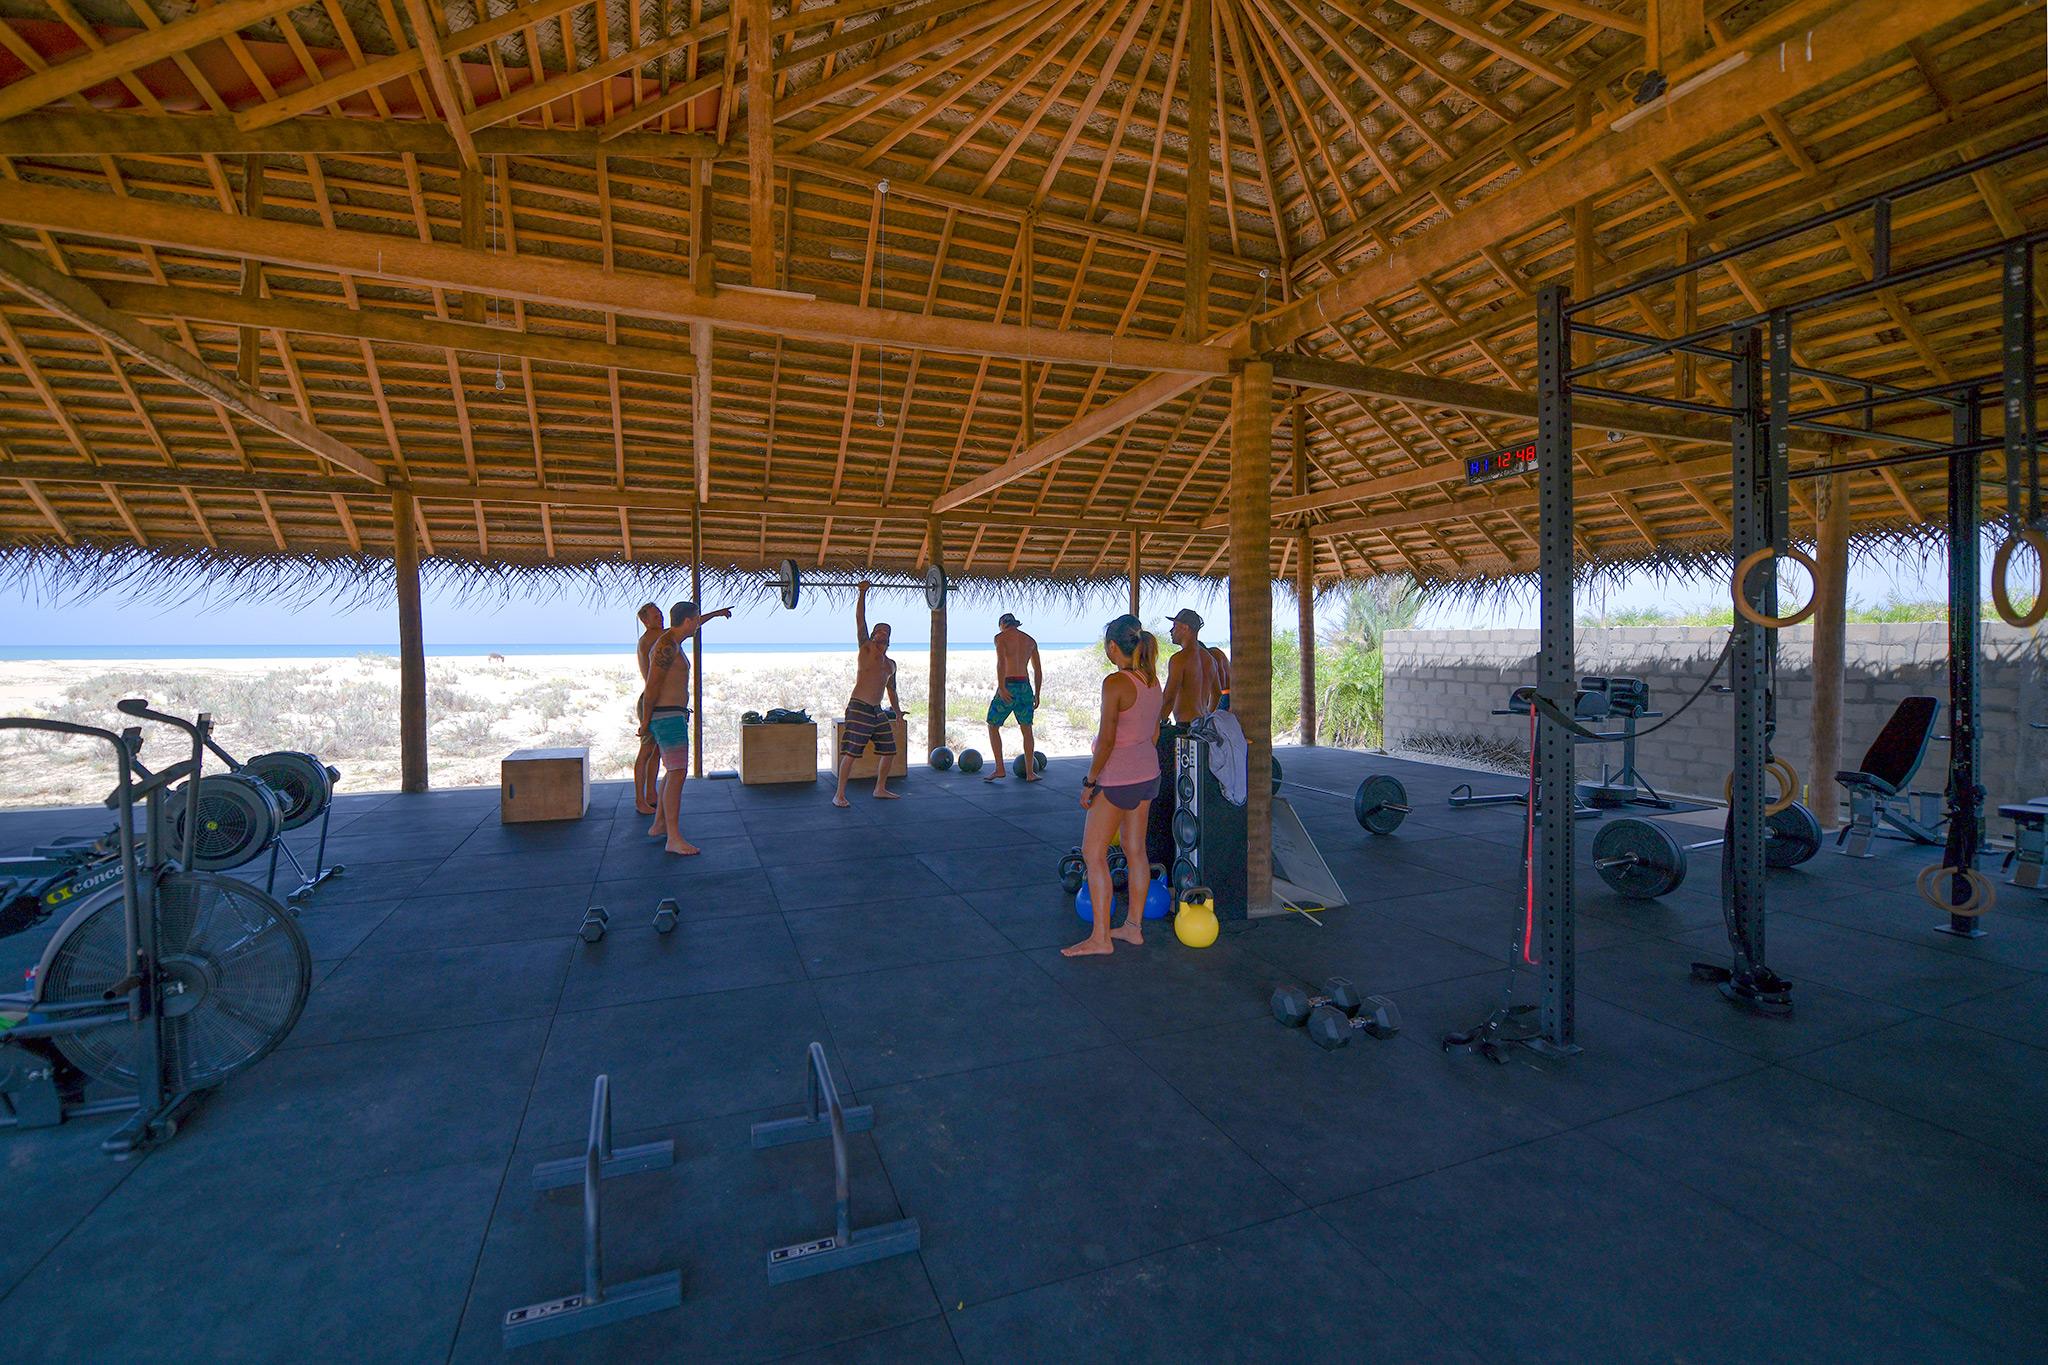 crossfit-beach-gym-sri-lanka